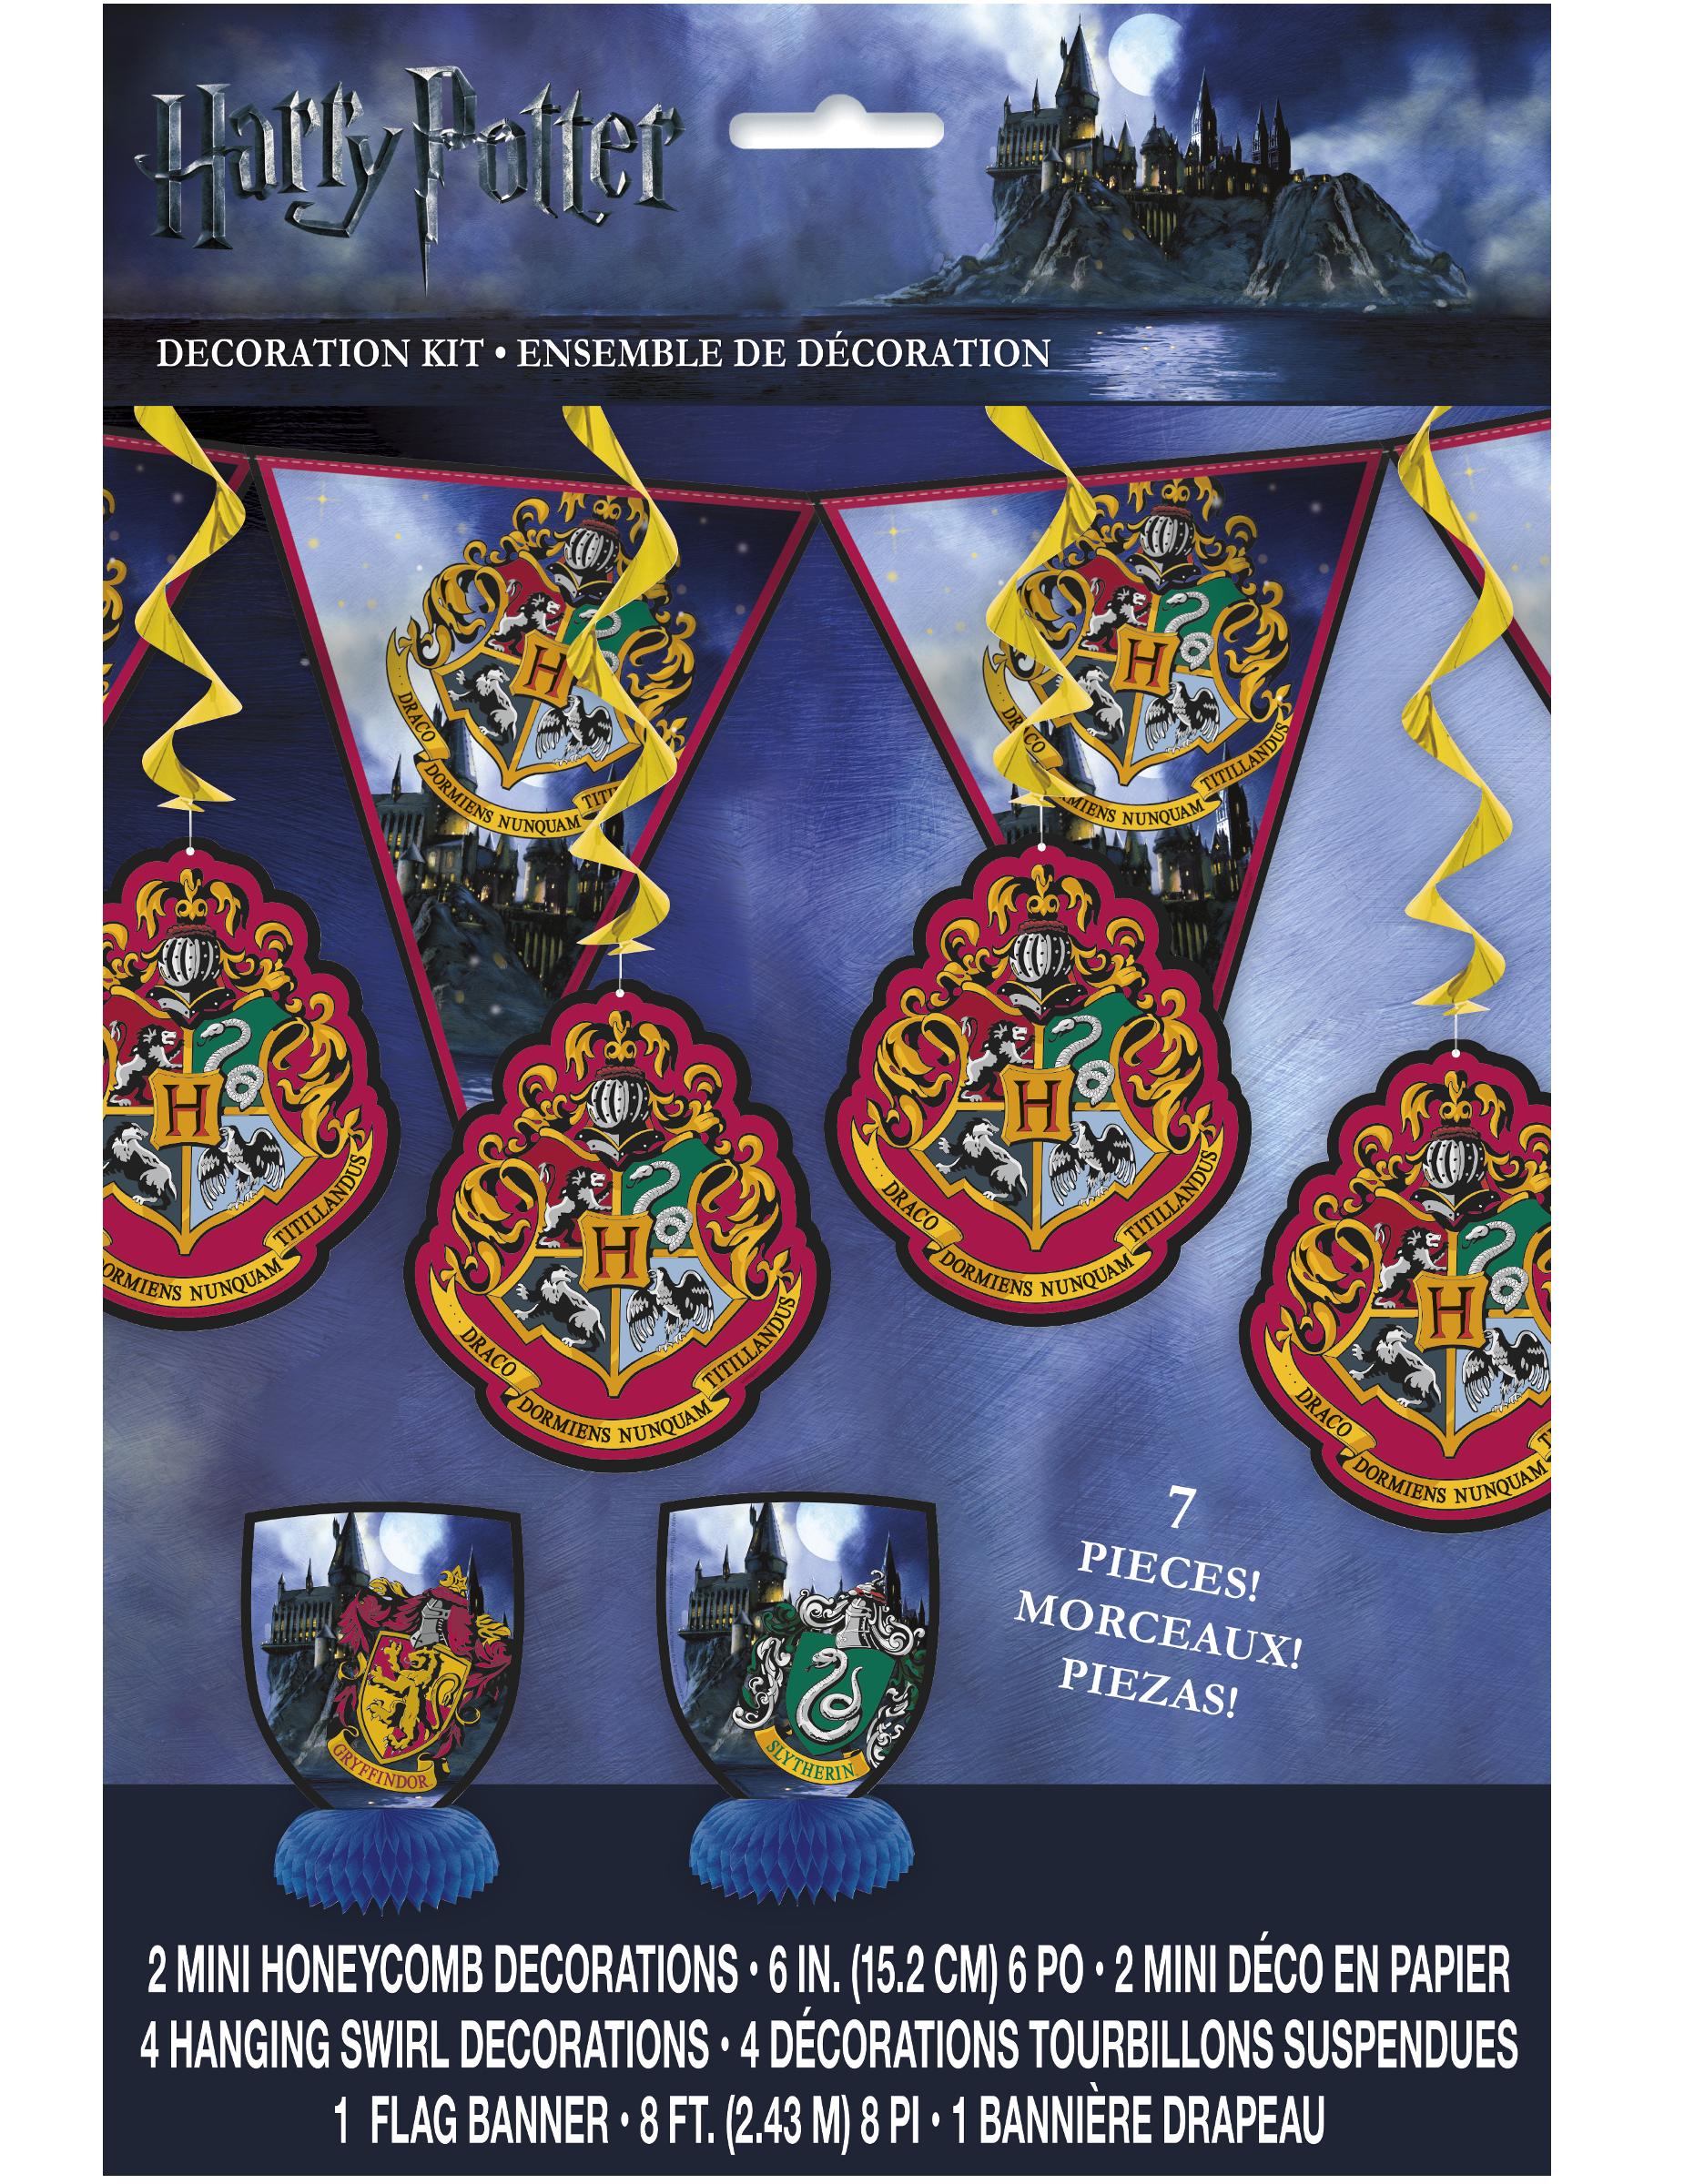 Bedwelming Harry Potter™ decoratie set: Decoratie,en goedkope &MM67